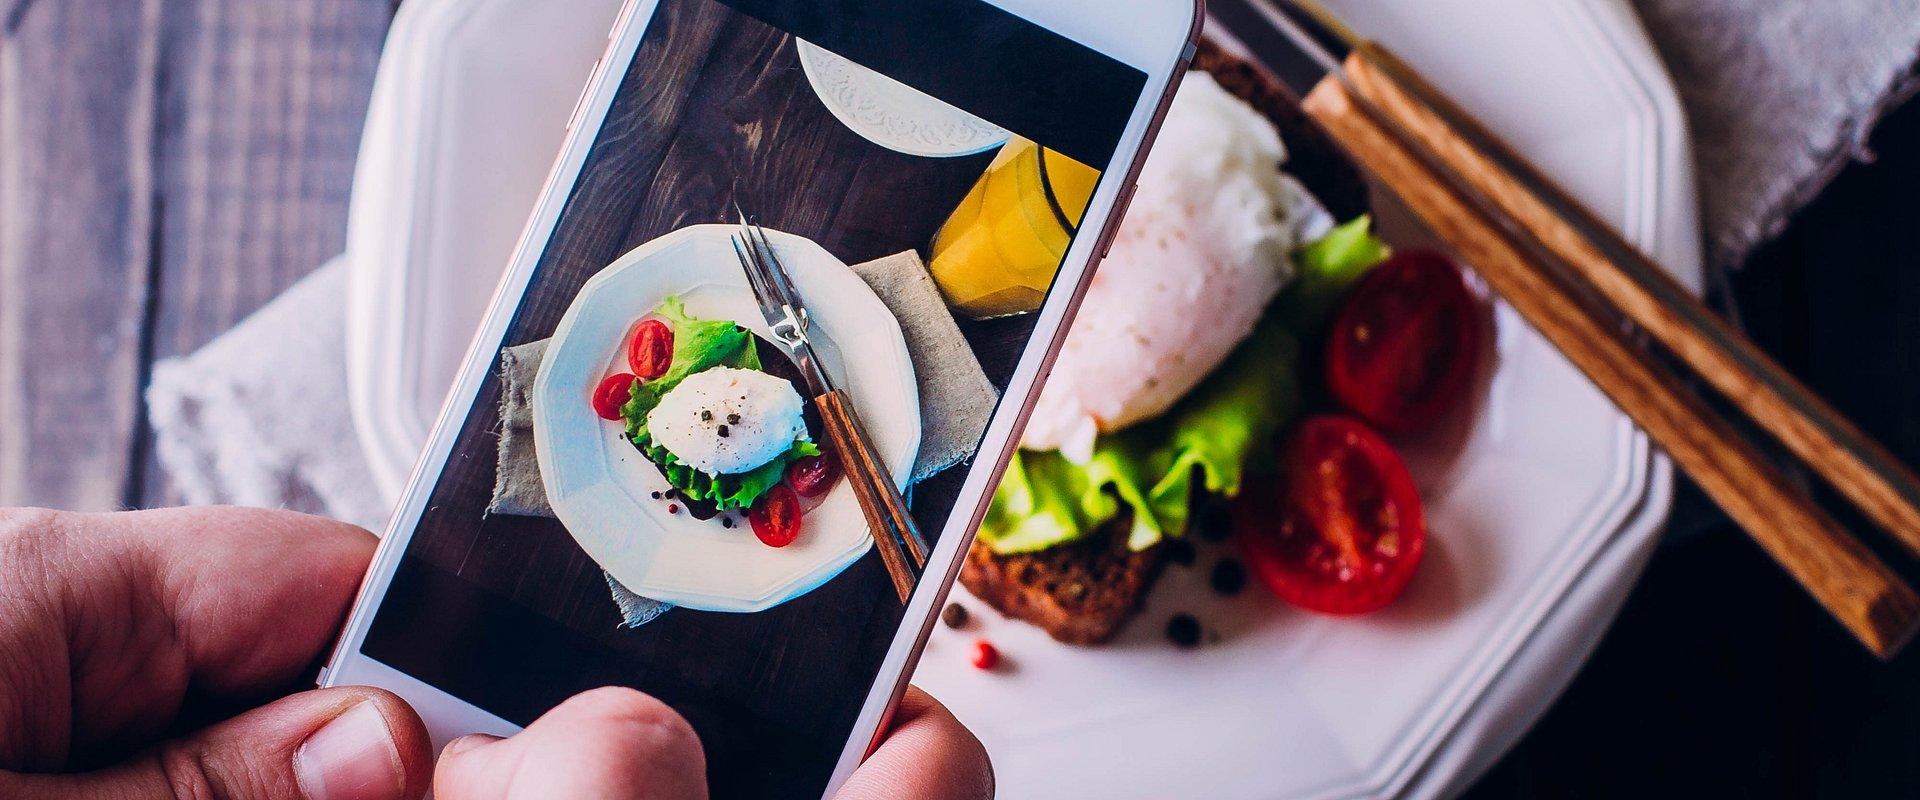 Z talerza na Instagram. Jak fotografować jedzenie?